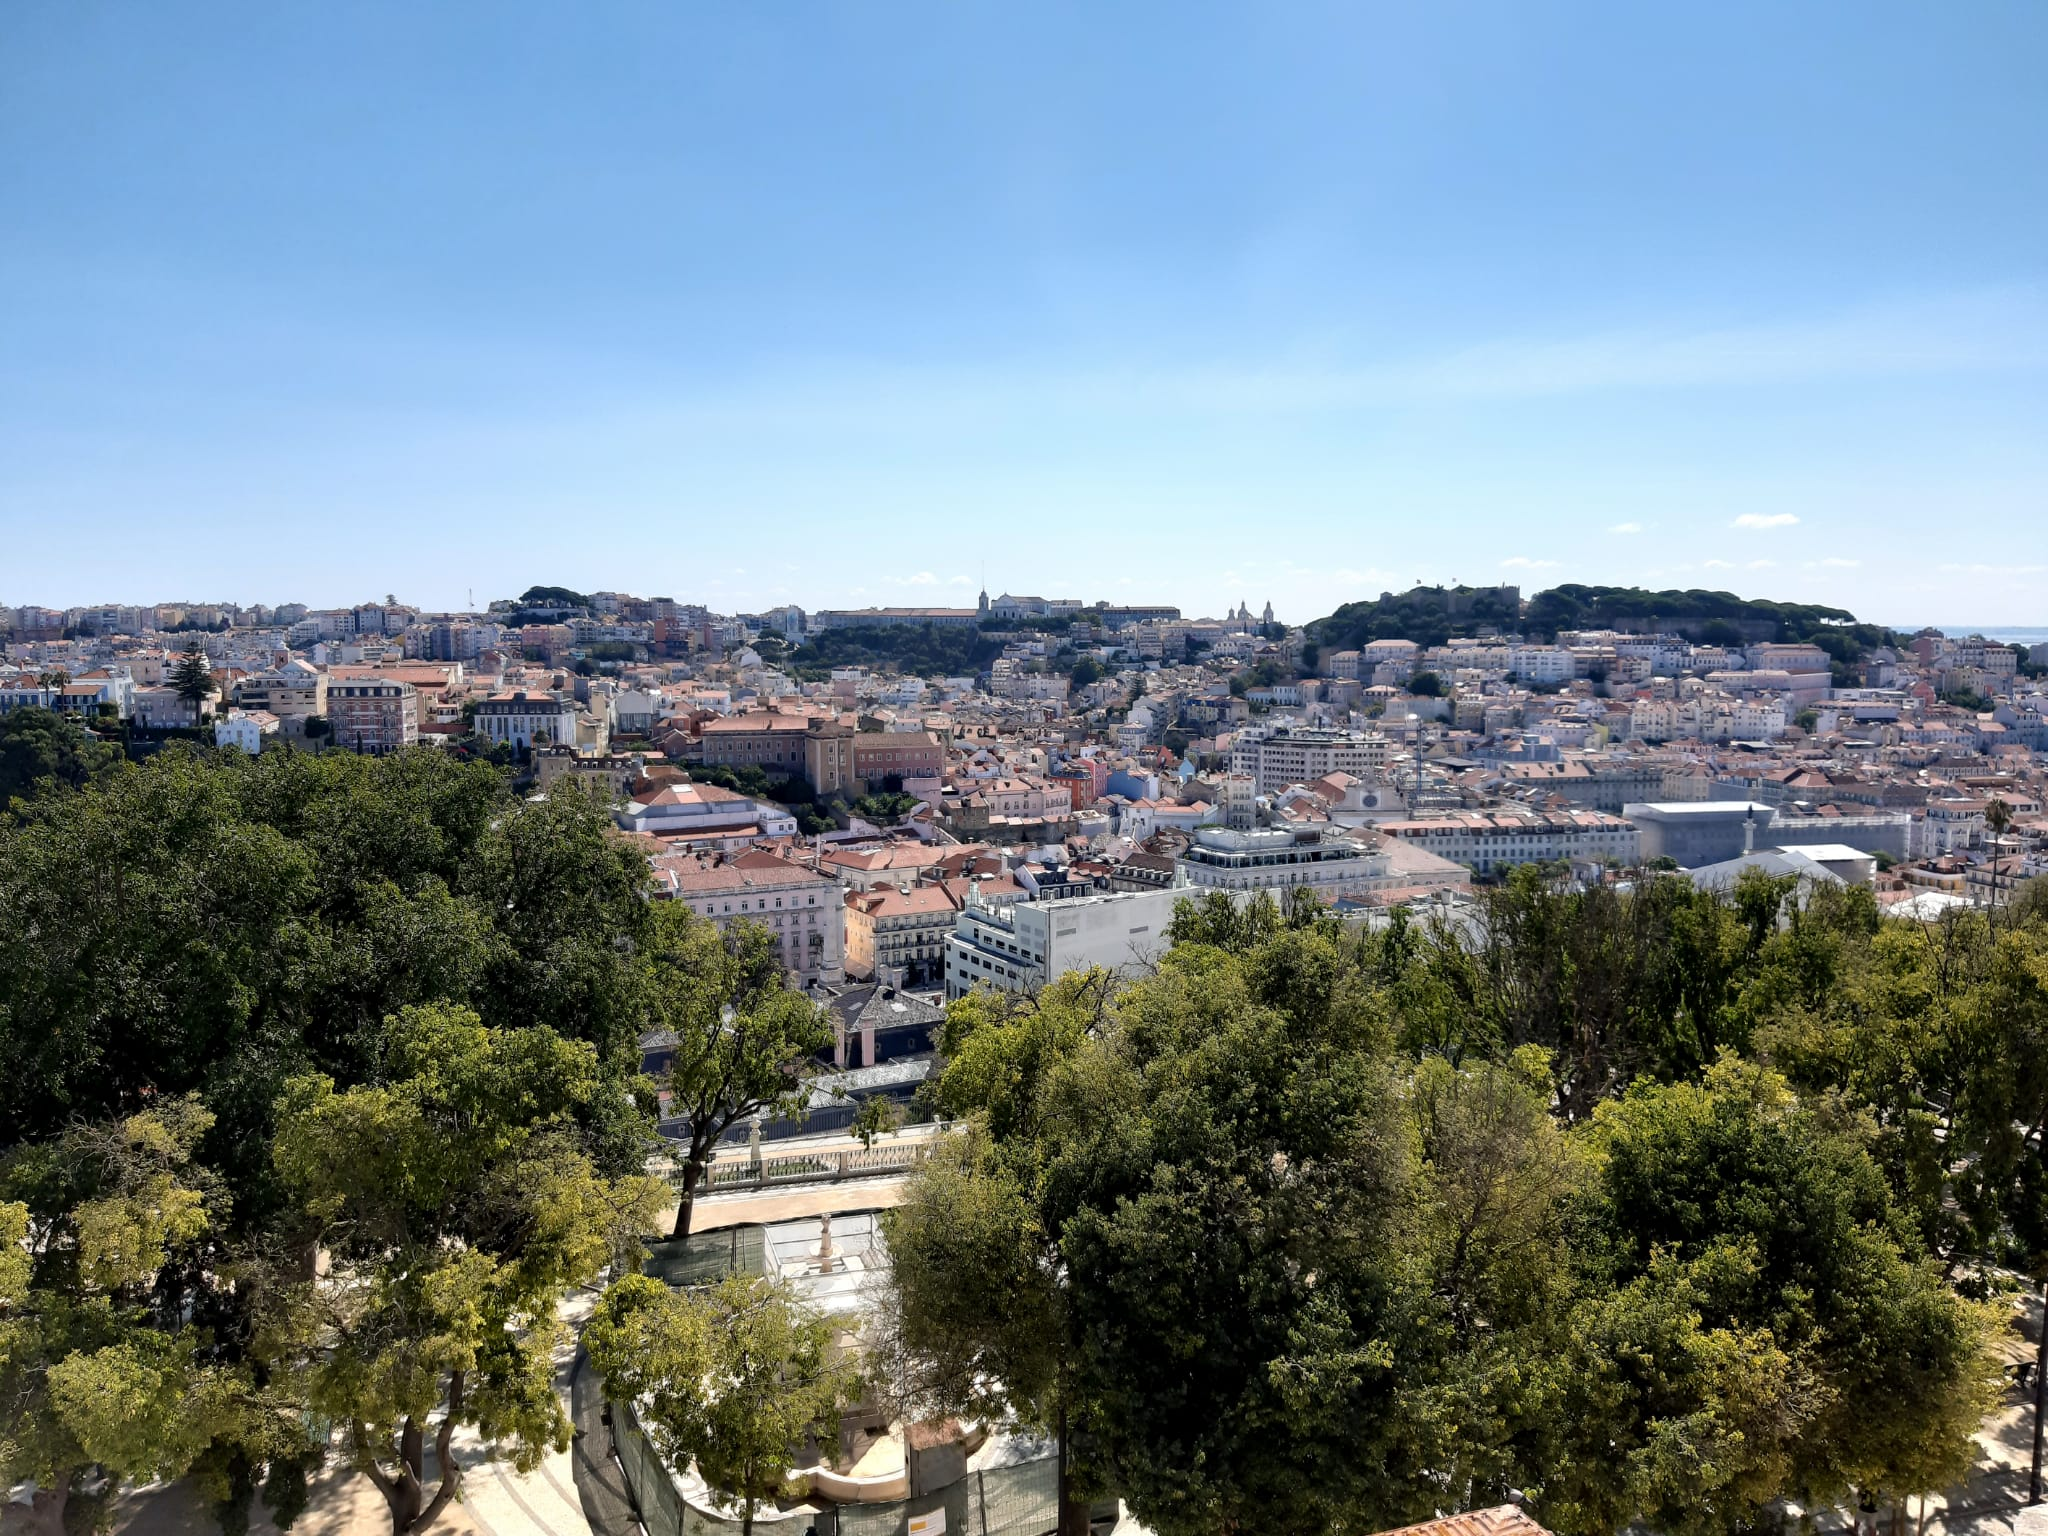 Lisboa vista de cima – Convento de São Pedro de Alcântara